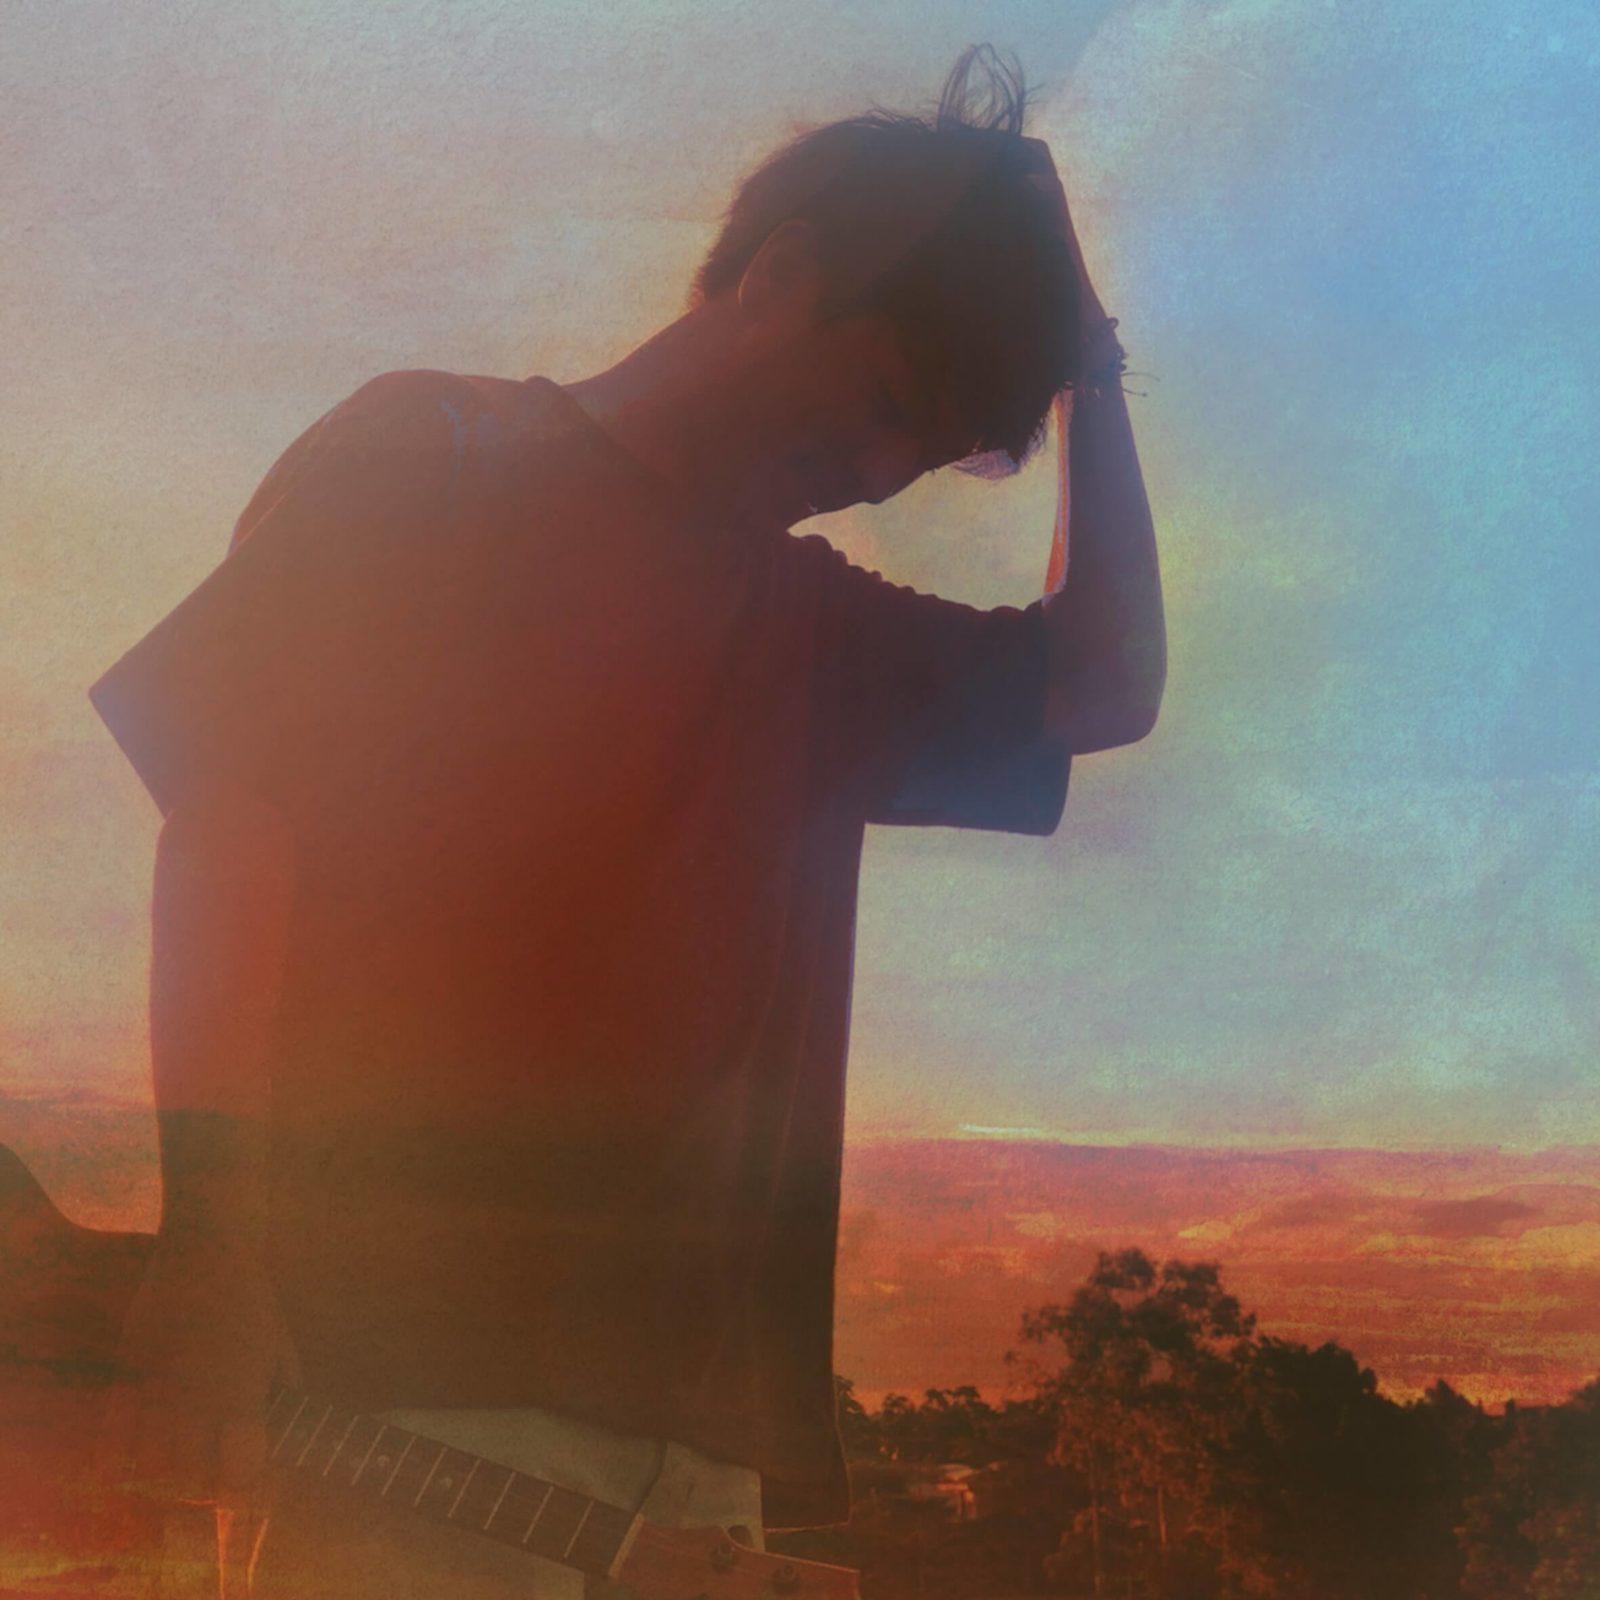 KAIKI、初のフルアルバム『Hope Island』から「YOLO」を先行配信!サムネイル画像